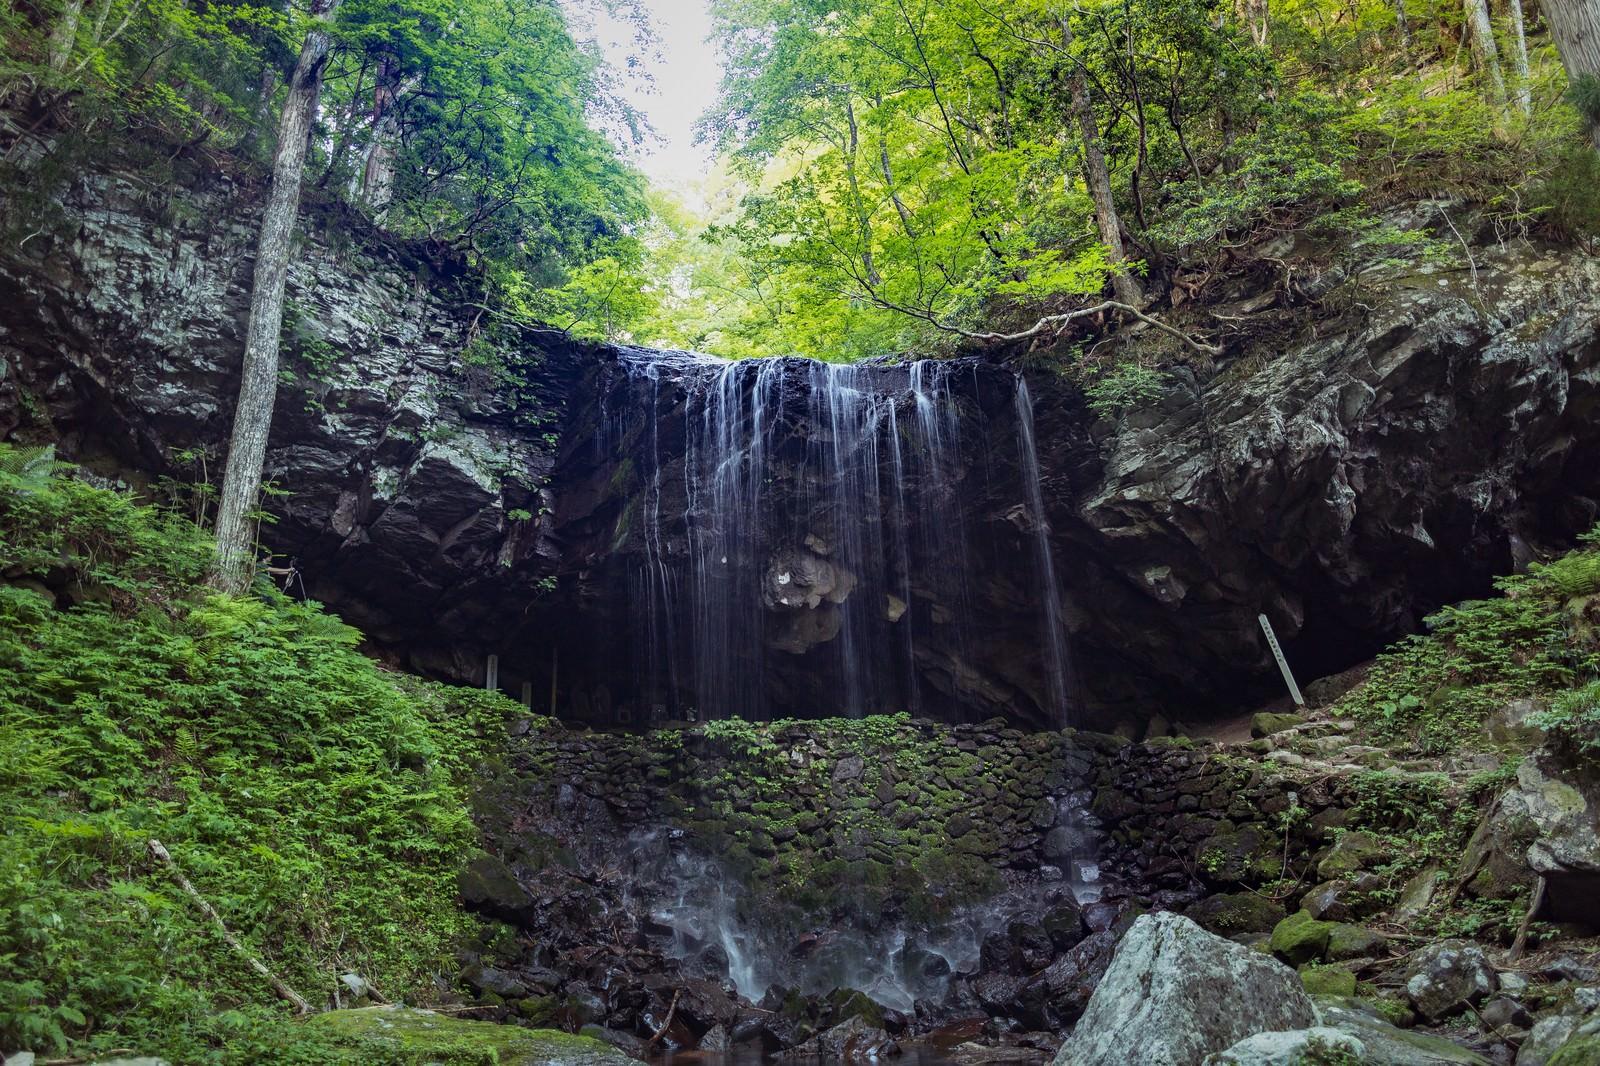 「滝の流れを裏から眺められる裏見の滝、岩井滝(鏡野町)滝の流れを裏から眺められる裏見の滝、岩井滝(鏡野町)」のフリー写真素材を拡大